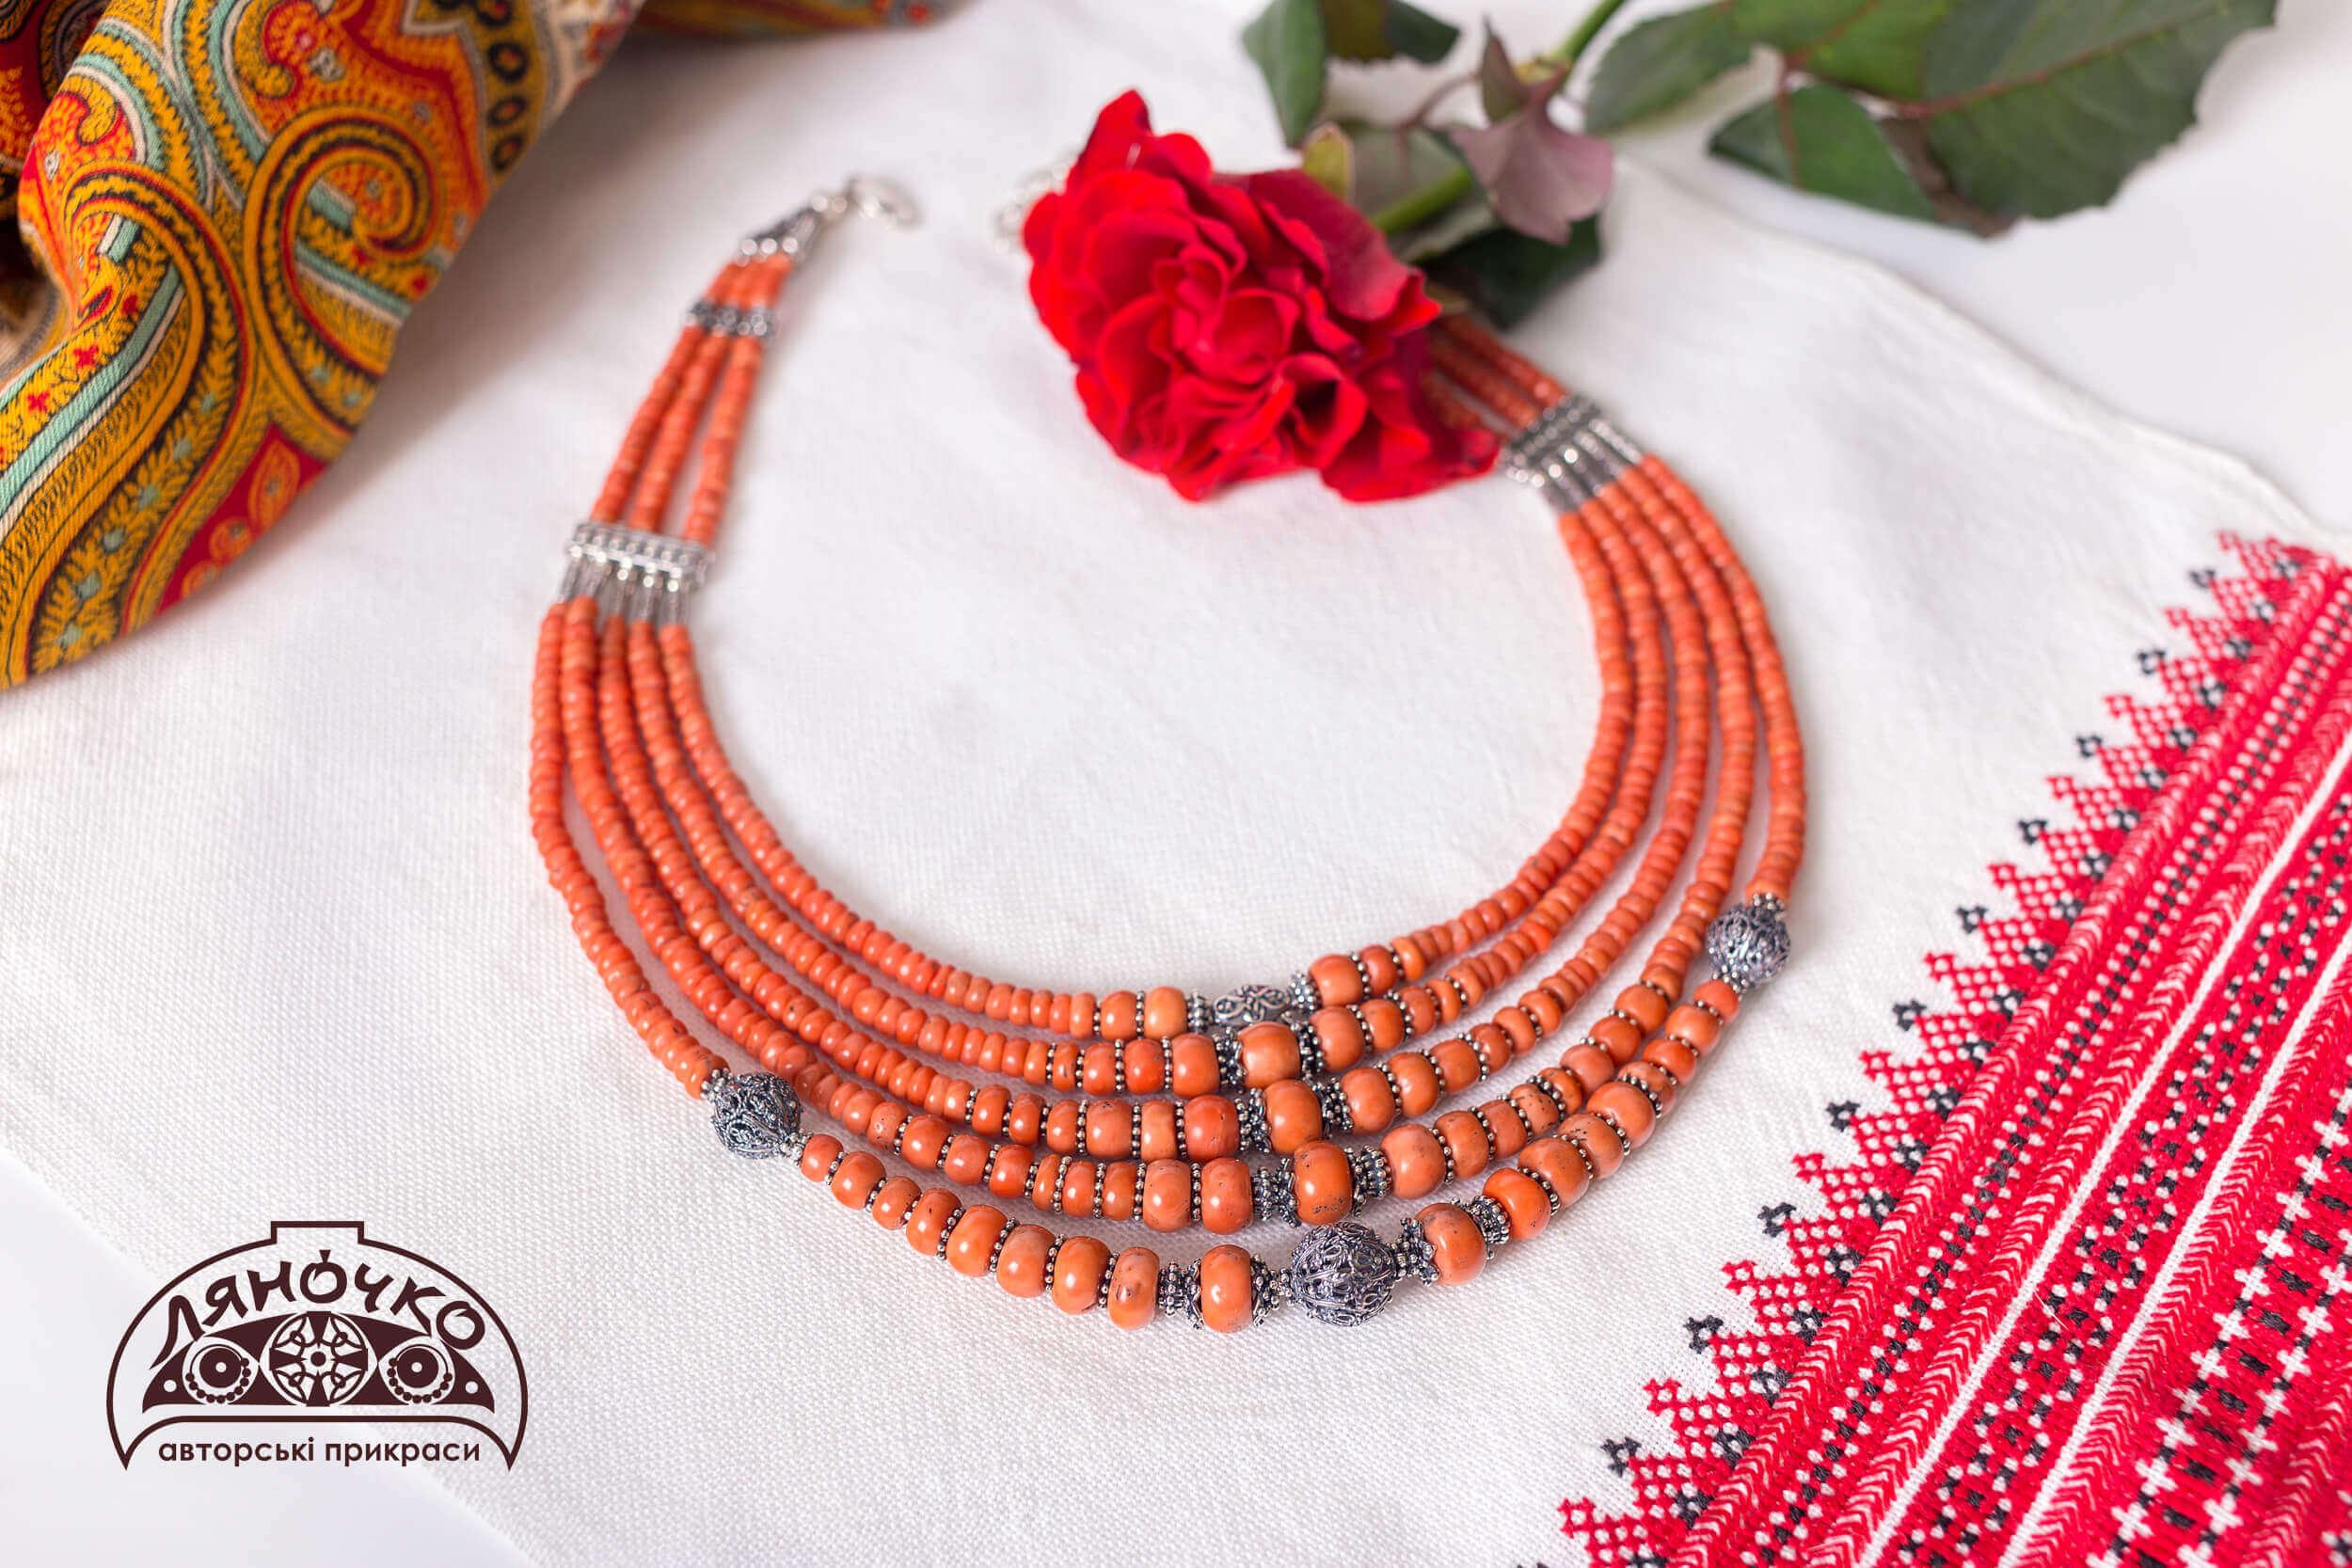 Елітний подарунок намисто з давнього коралу у києві, львові, харкові, дніпрі, україні фото